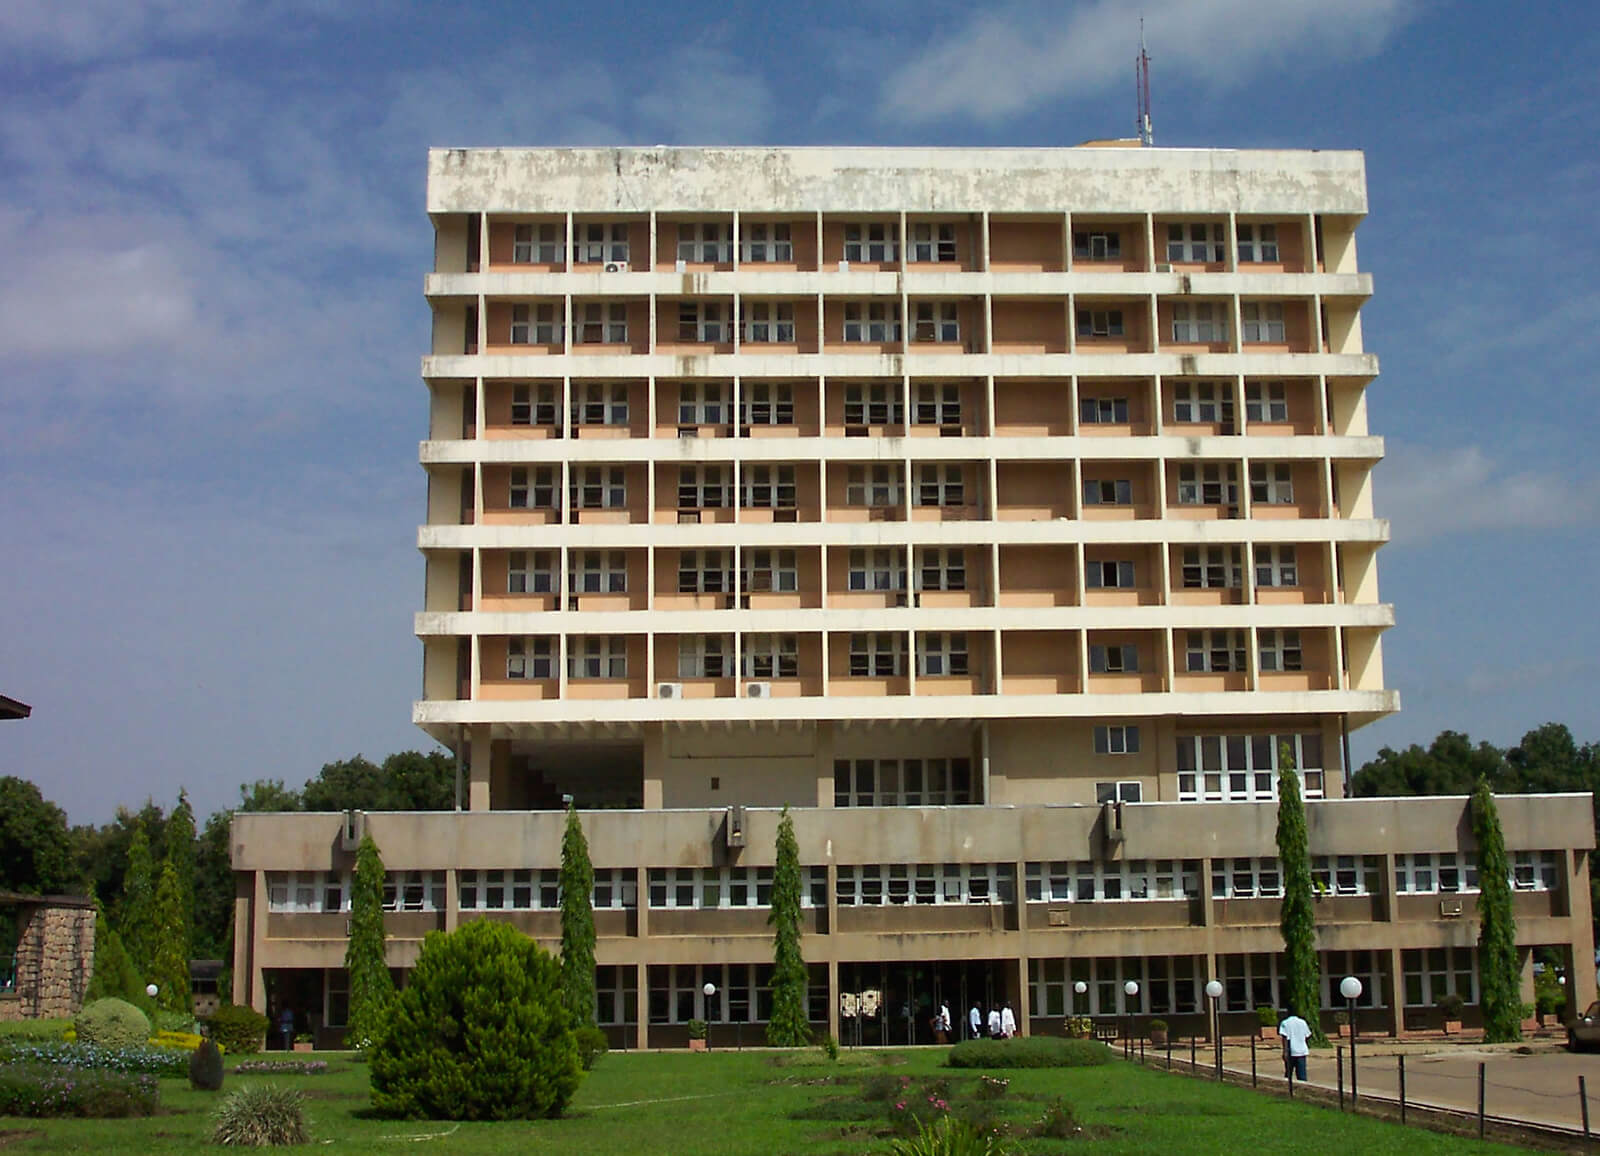 Senate-Building-Ahmadu-Bello-University-Nigeria-Zaria